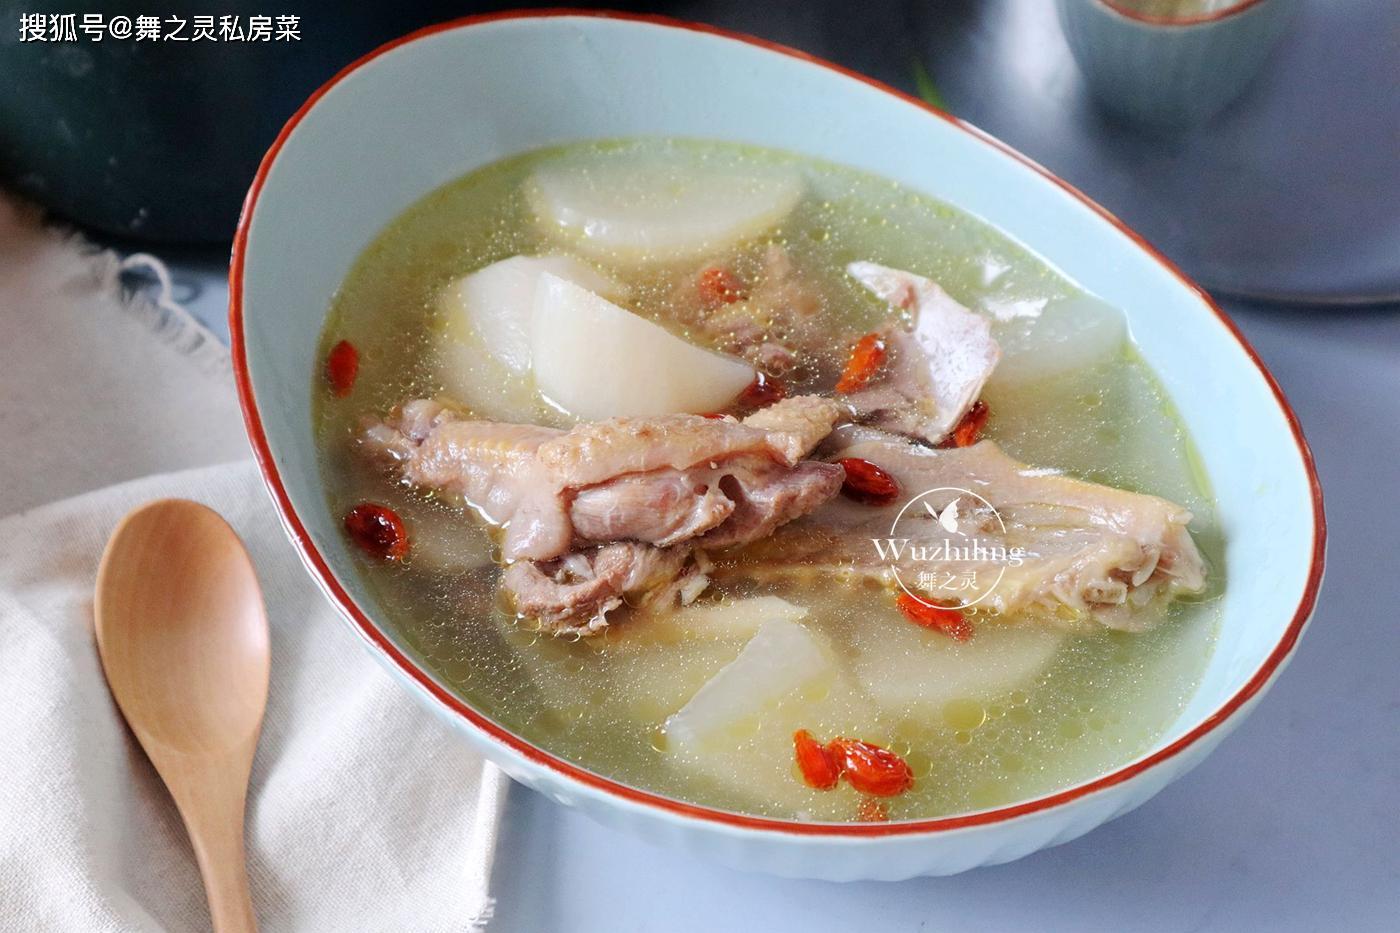 隔离期间,儿子迷上了这碗汤,高压锅20分钟就上桌,强壮又长个